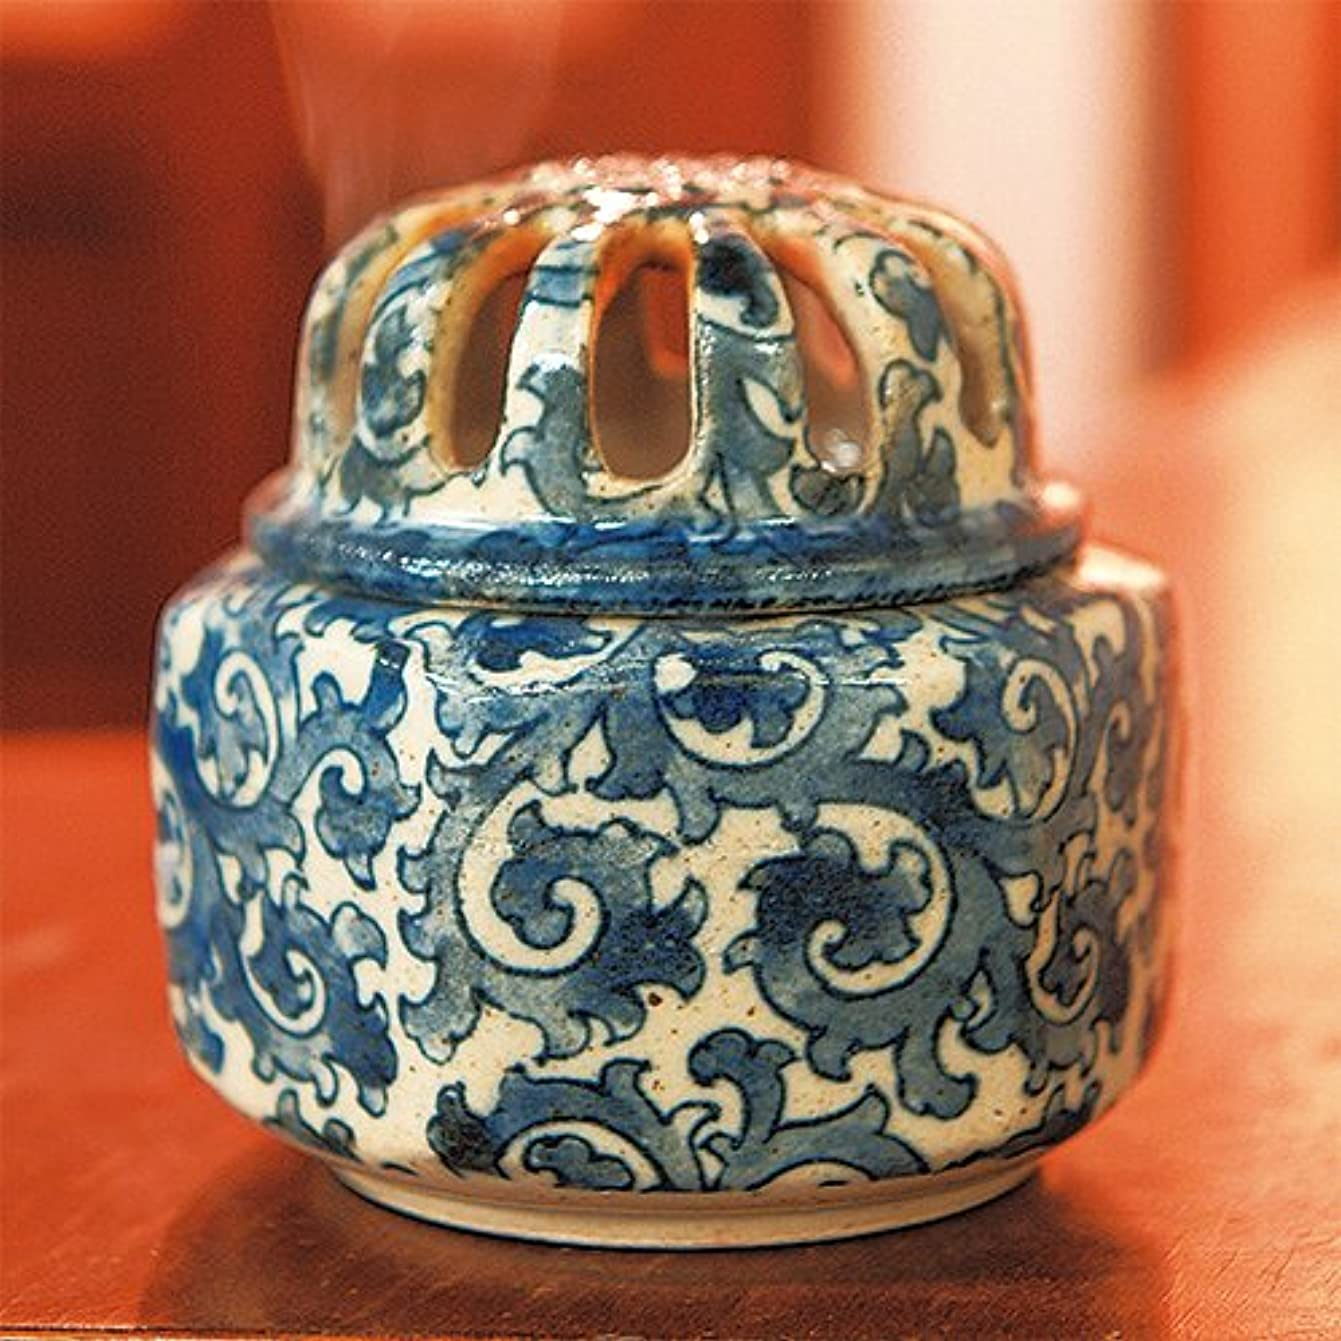 テーブル豚肉ポーン香炉 土物 タコ唐草 福香炉 [R8.8xH8.7cm] プレゼント ギフト 和食器 かわいい インテリア